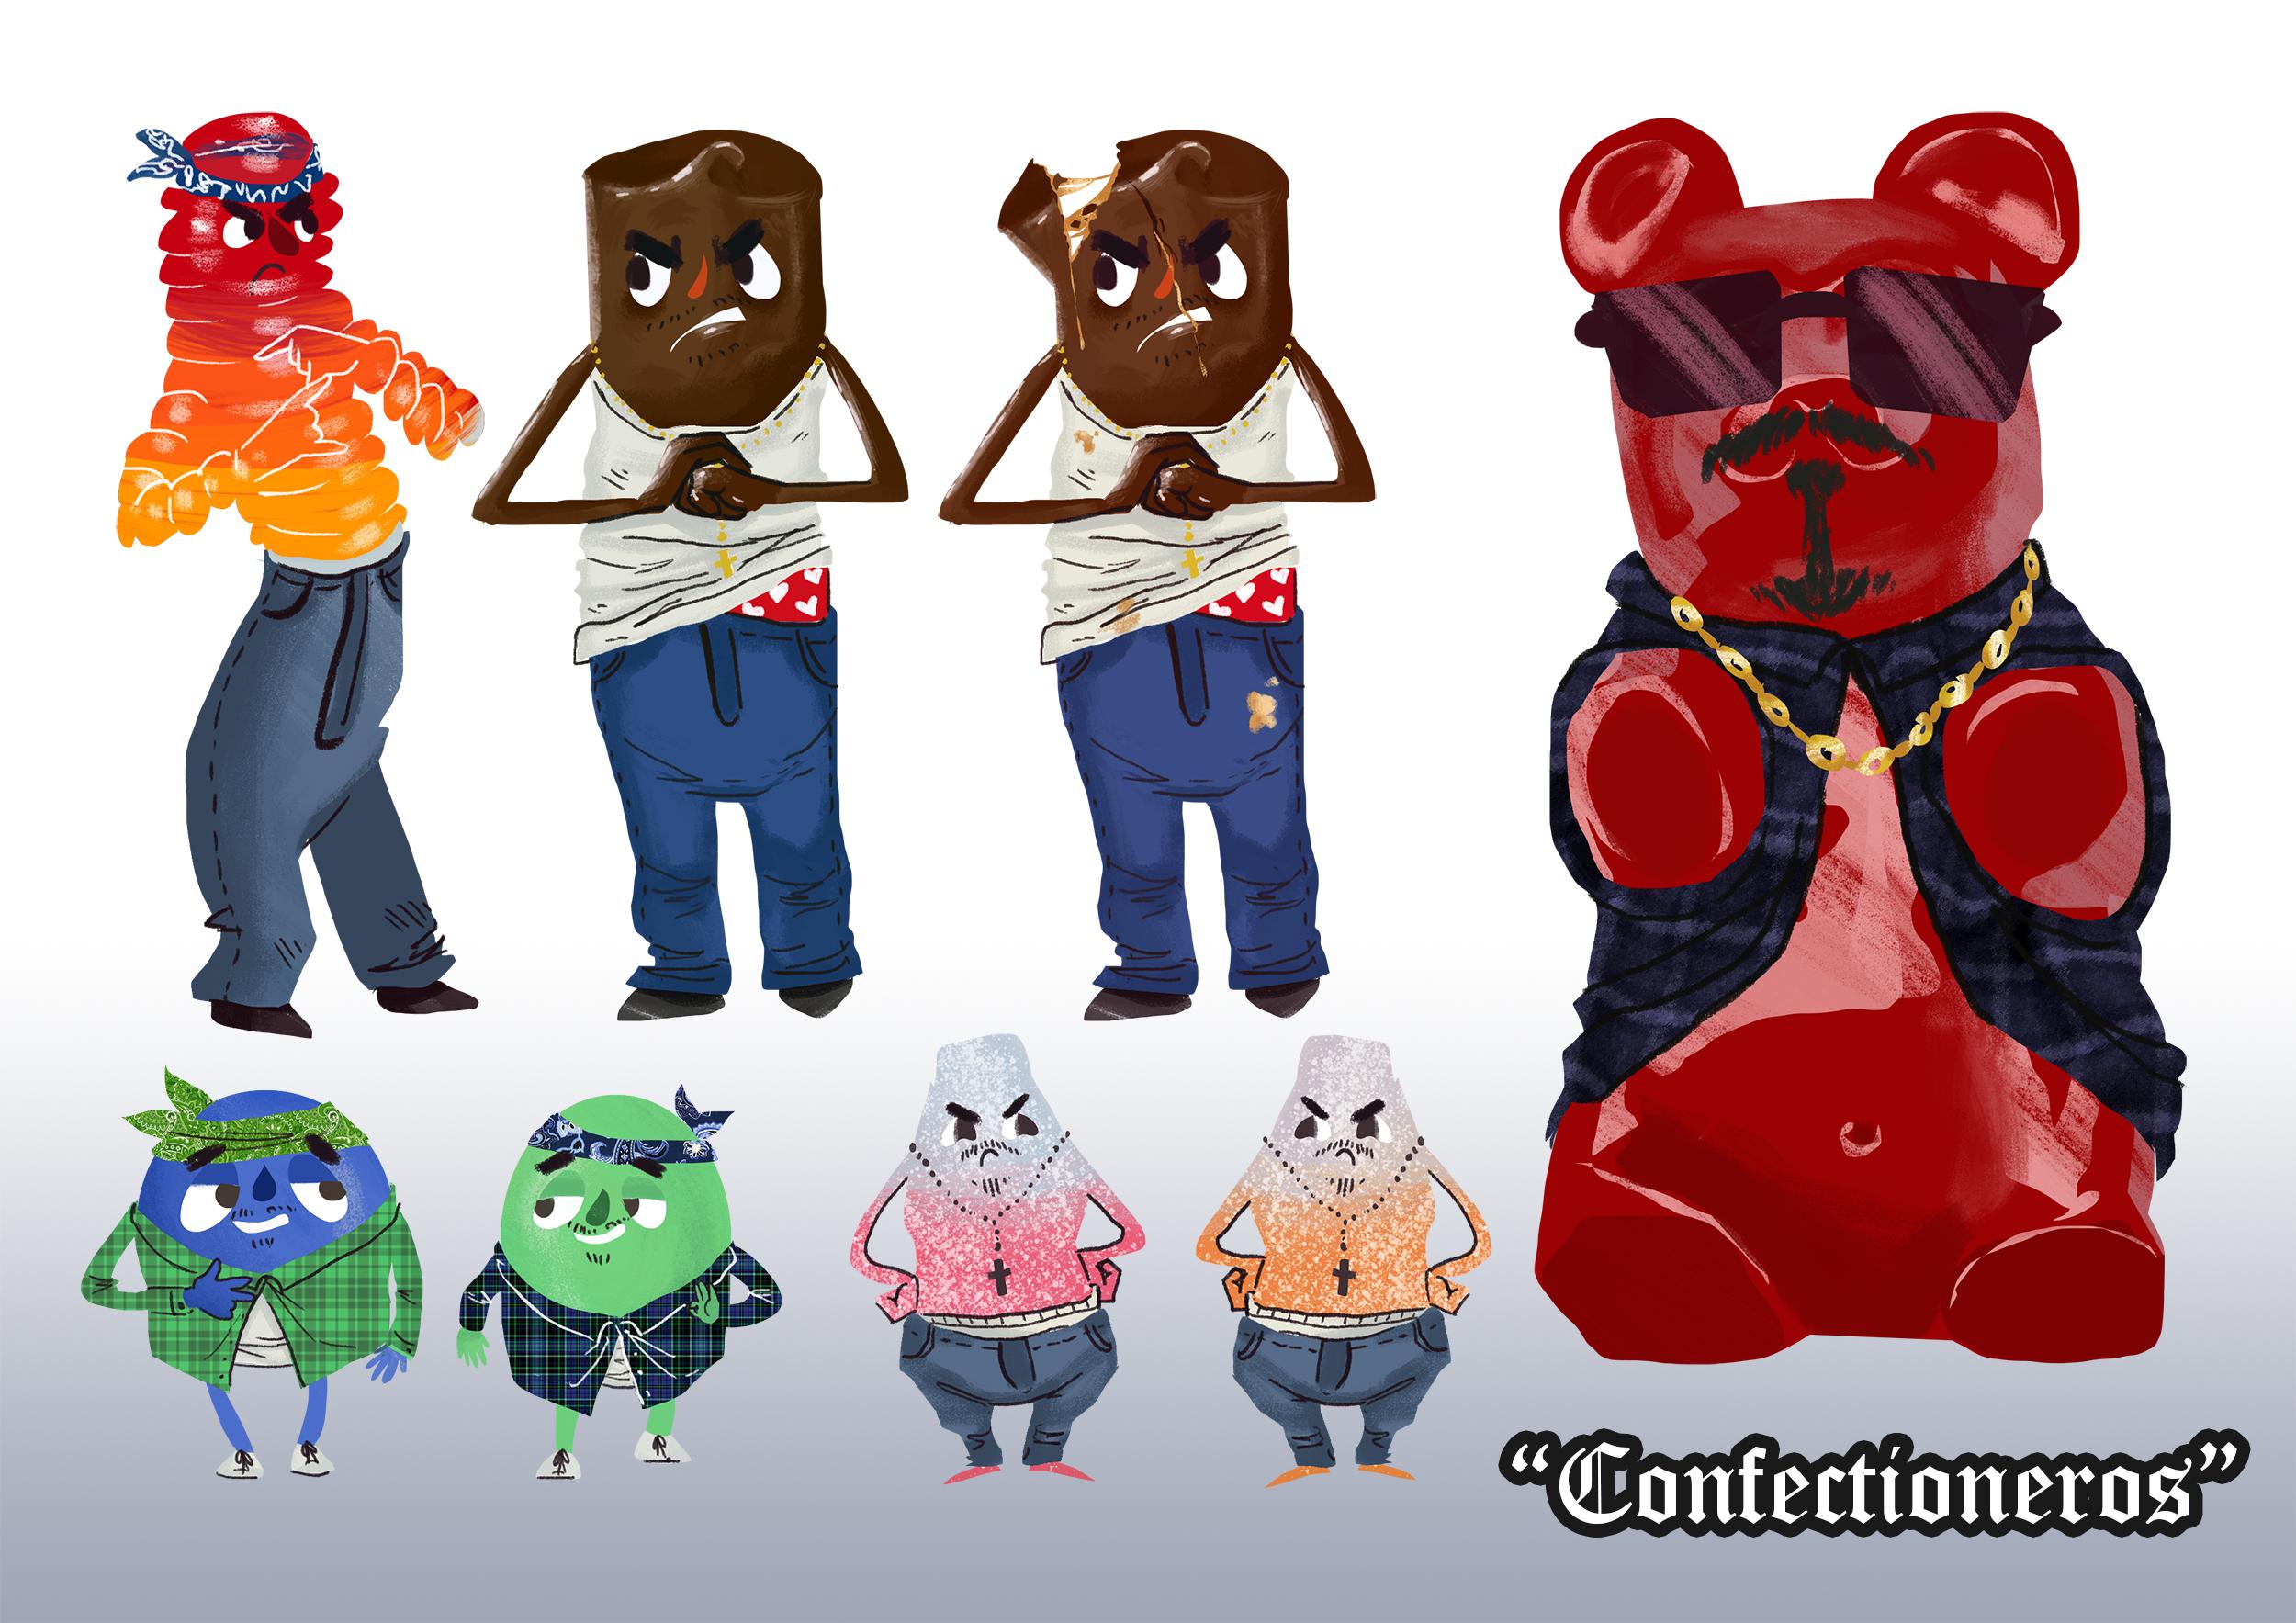 Confectioneros Concept